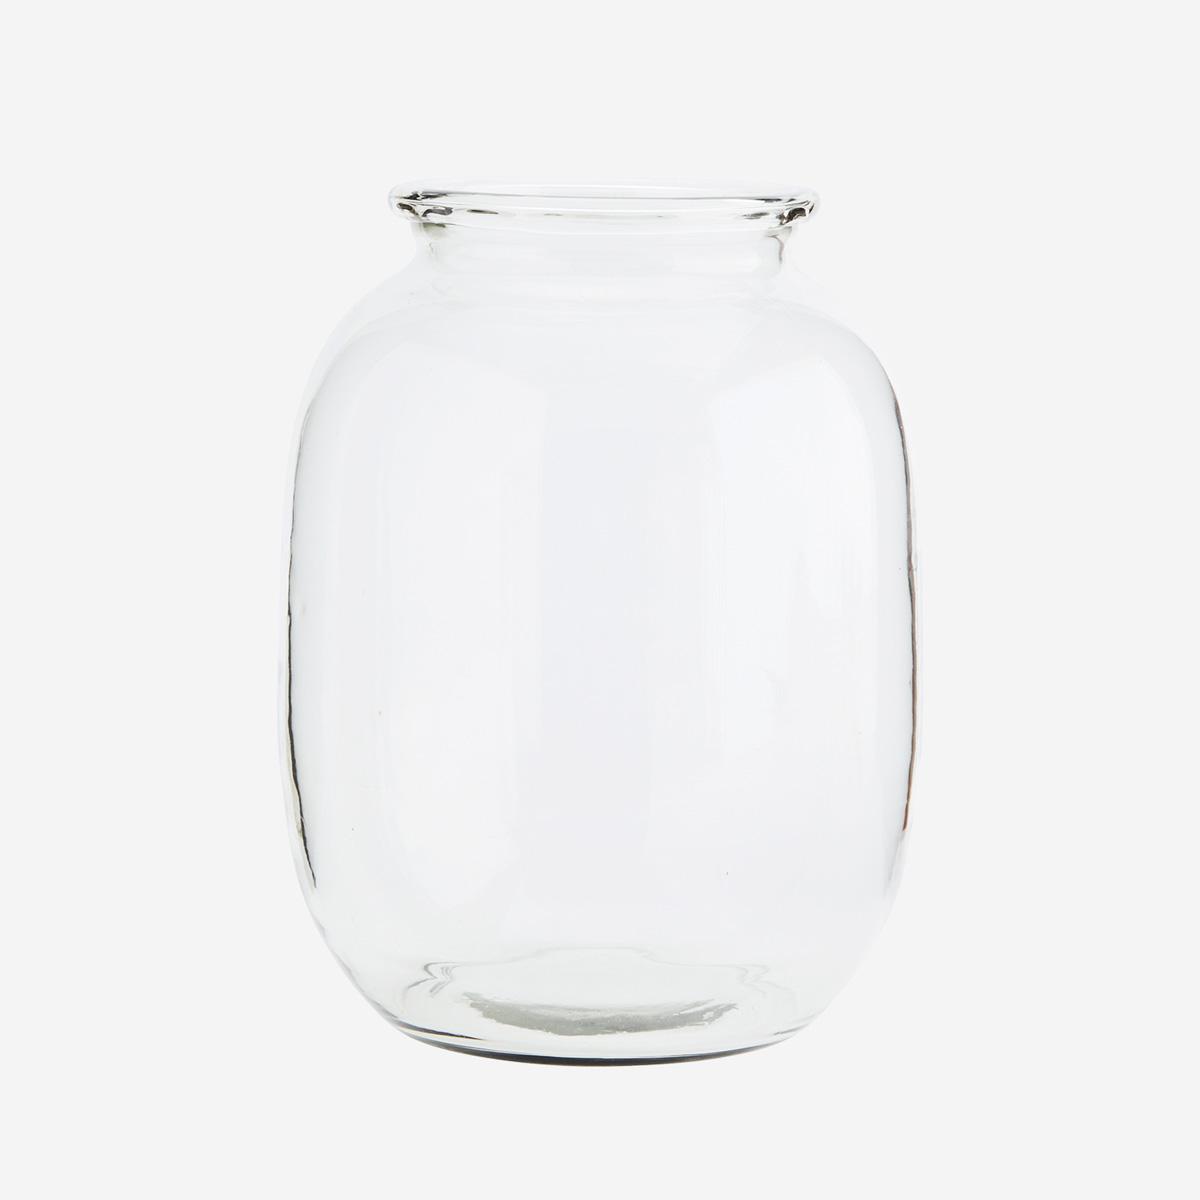 Jarron Garion - Madam Stoltz - cristal transparente - esquejes - flores - Liderlamp (1)